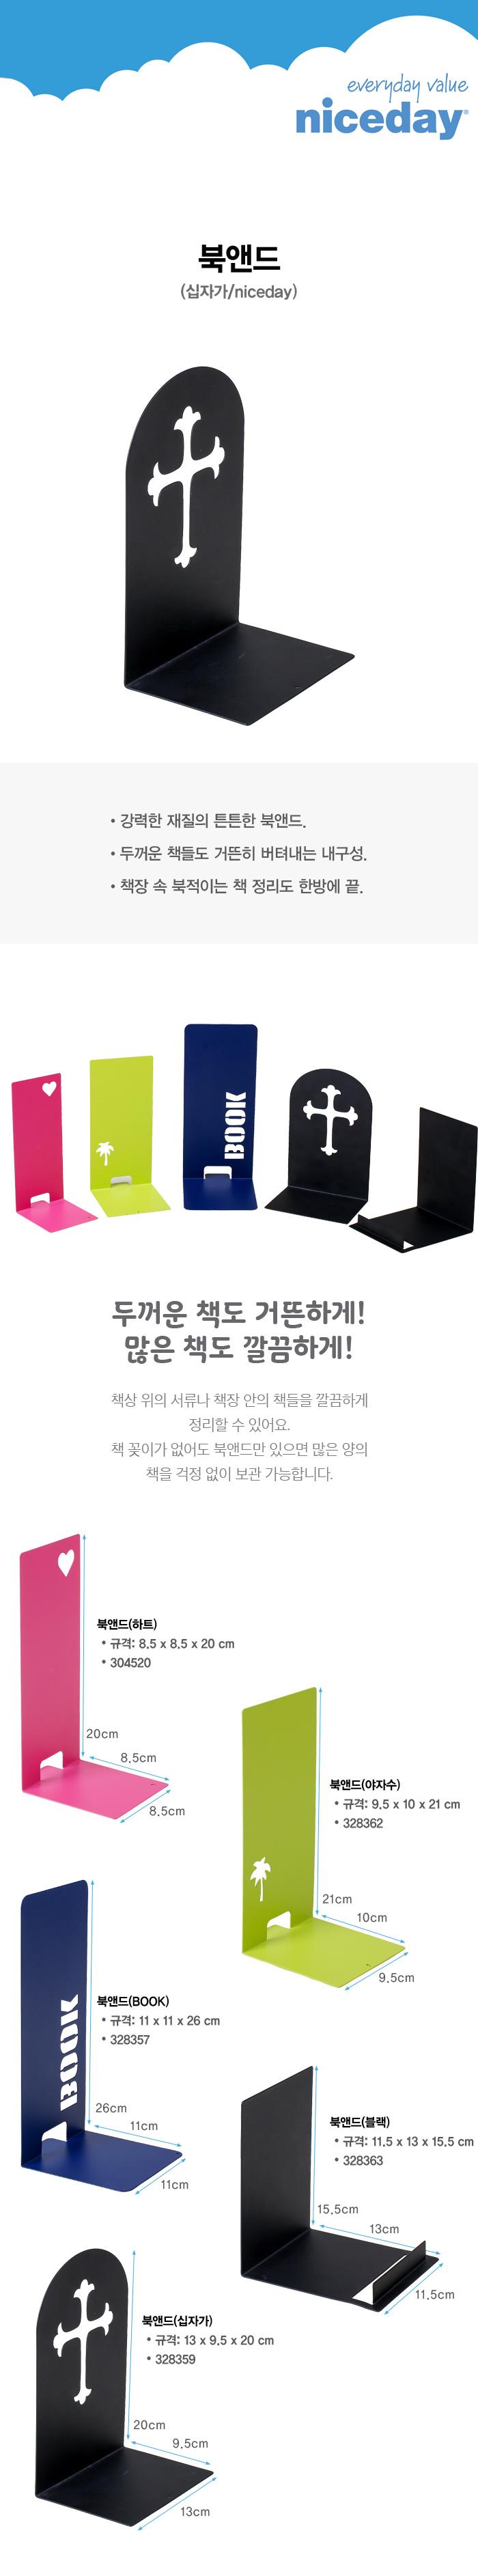 북앤드(십자가) - 오피스디포, 3,900원, 독서용품, 북앤드